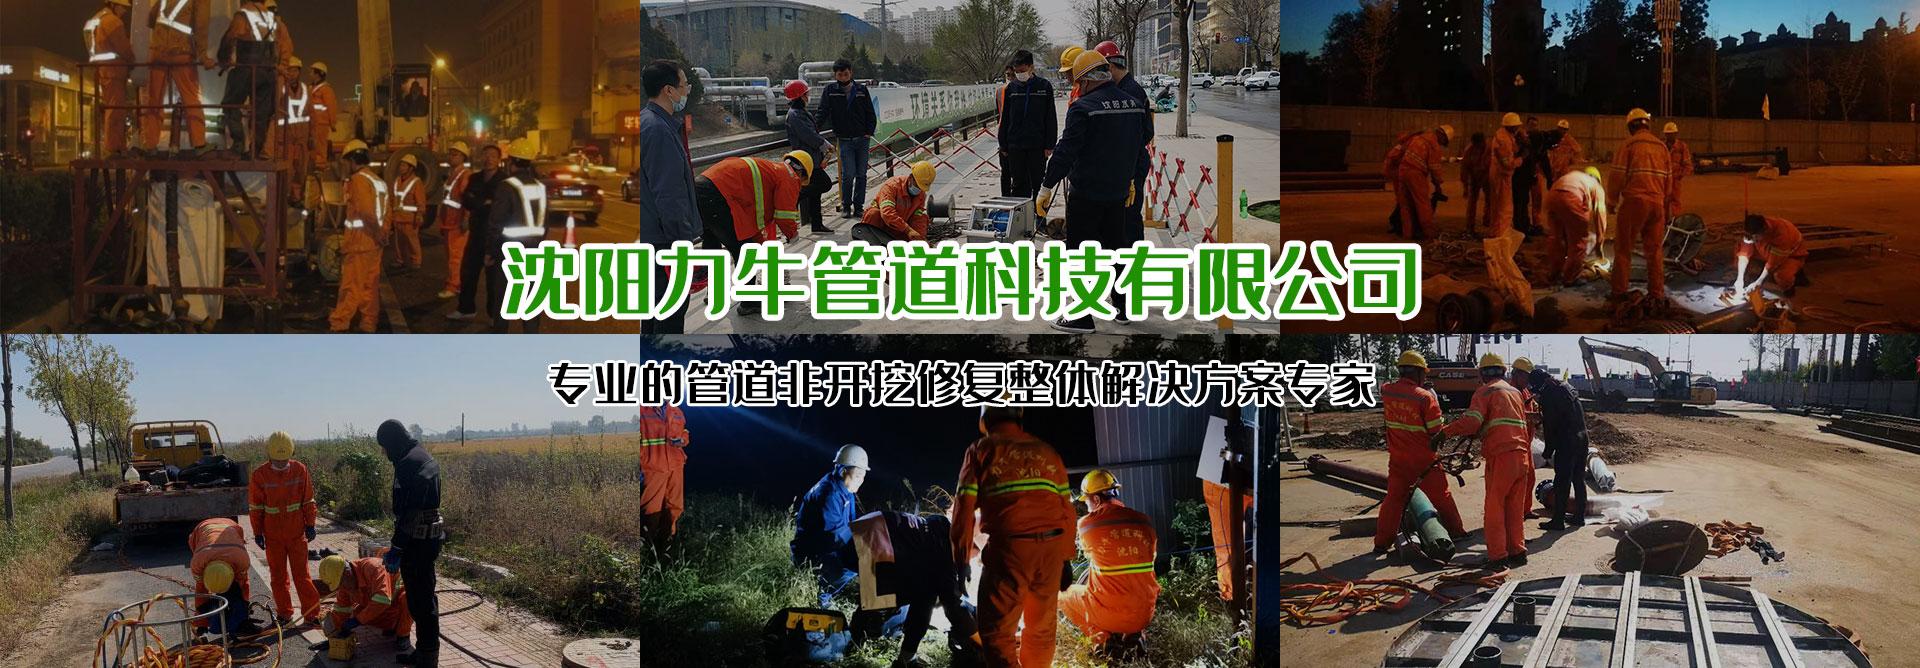 市政管道清淤,管道检测,管道修复